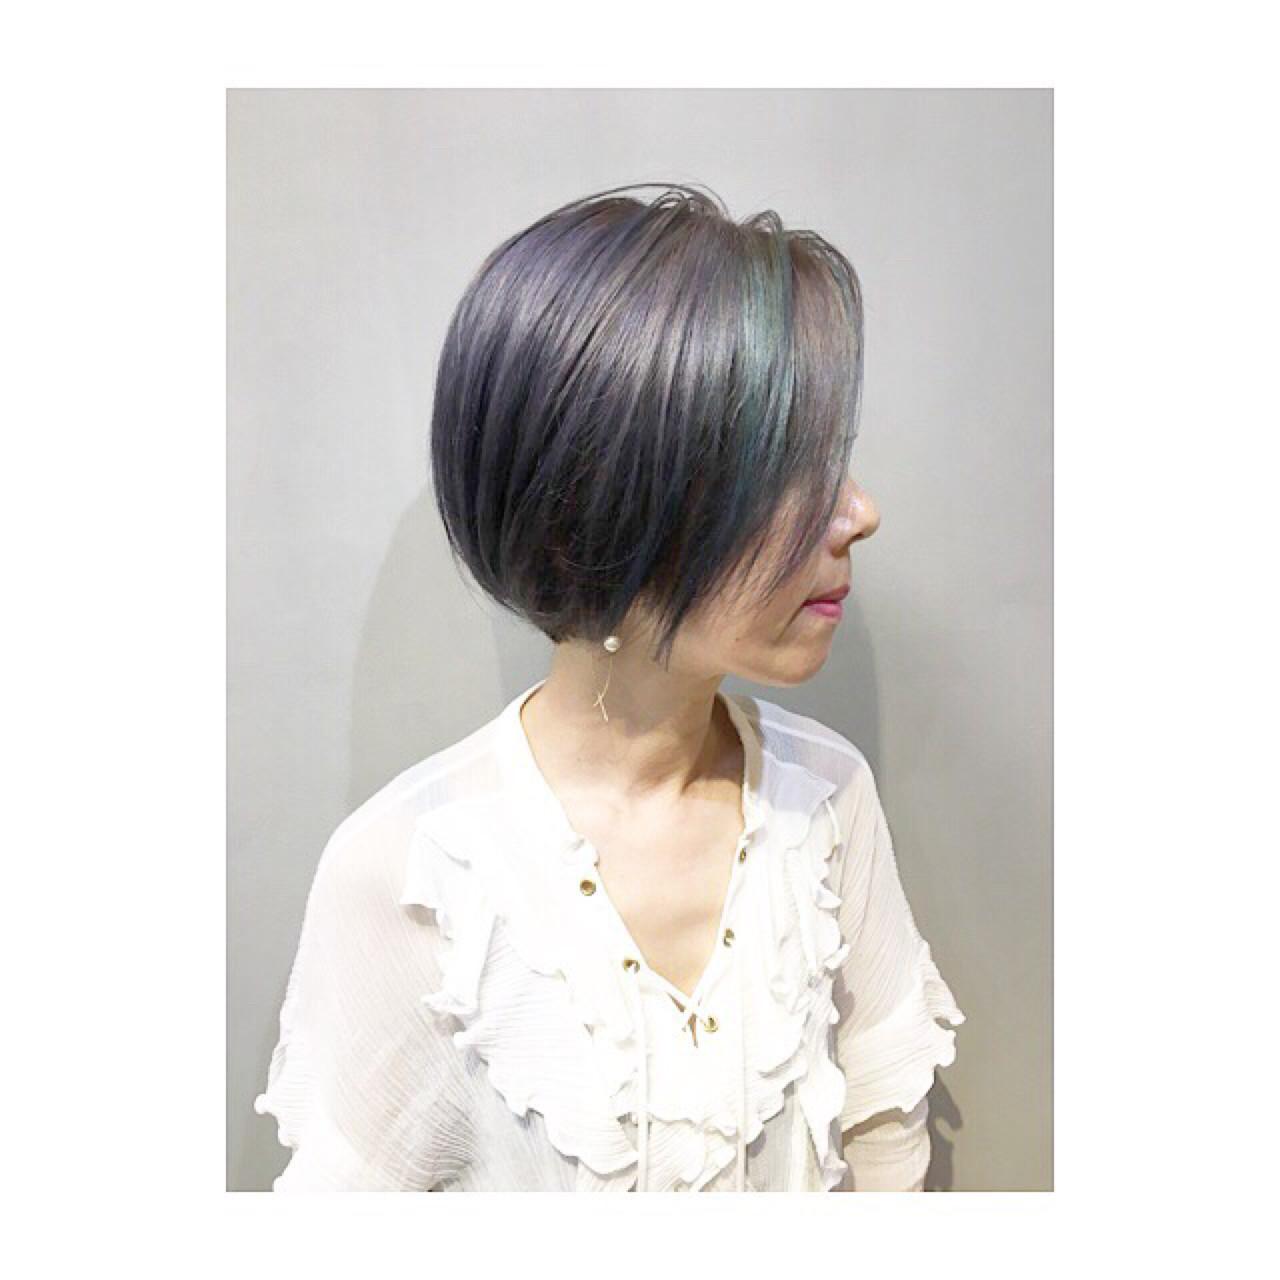 抜け感 前髪あり ストリート グレーアッシュ ヘアスタイルや髪型の写真・画像